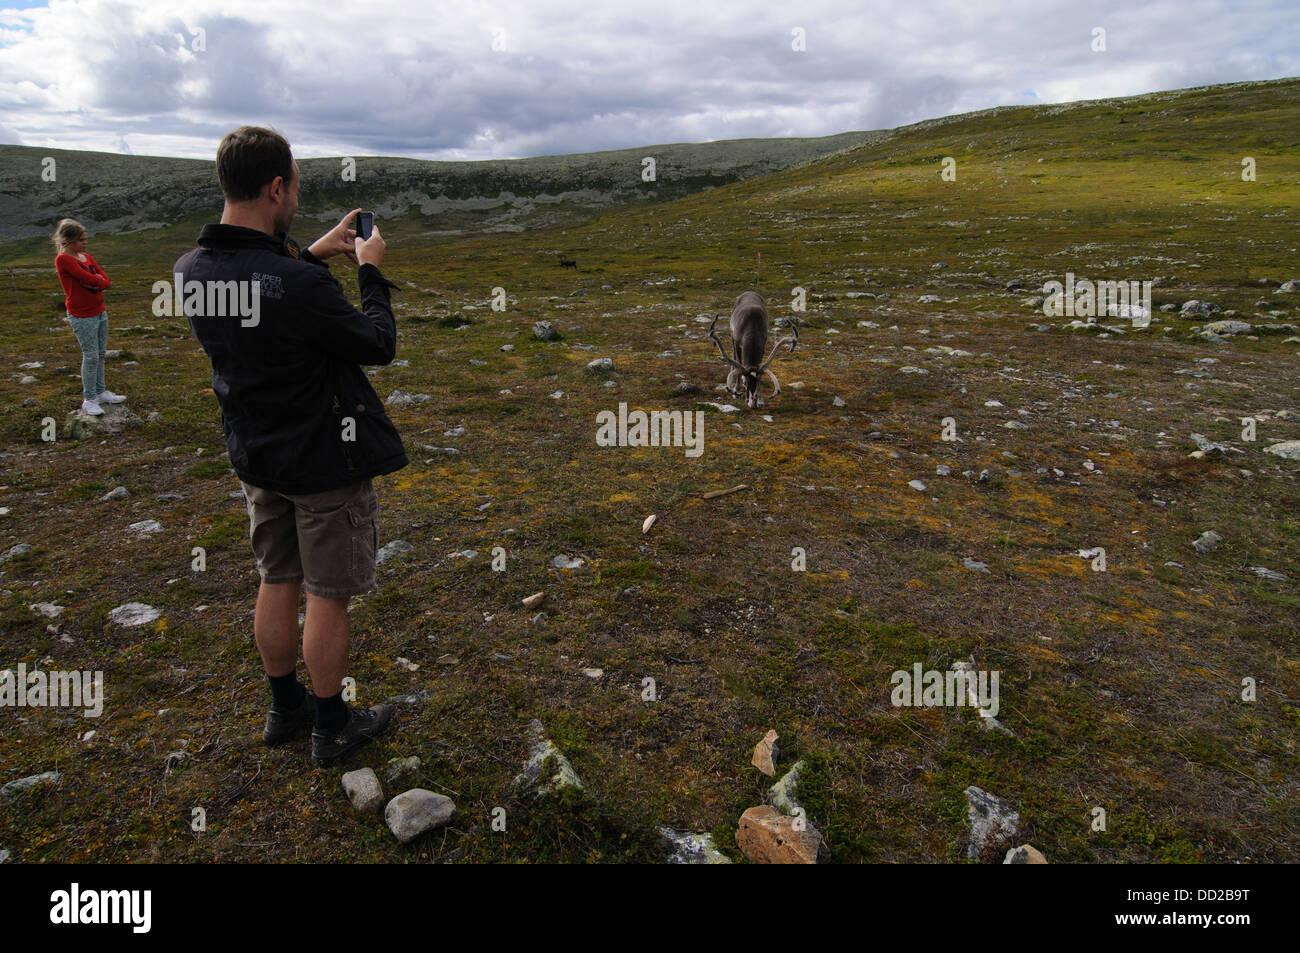 Touristen fotografieren mit einem Mobiltelefon von Rentieren in Schwedisch-Lappland Stockbild